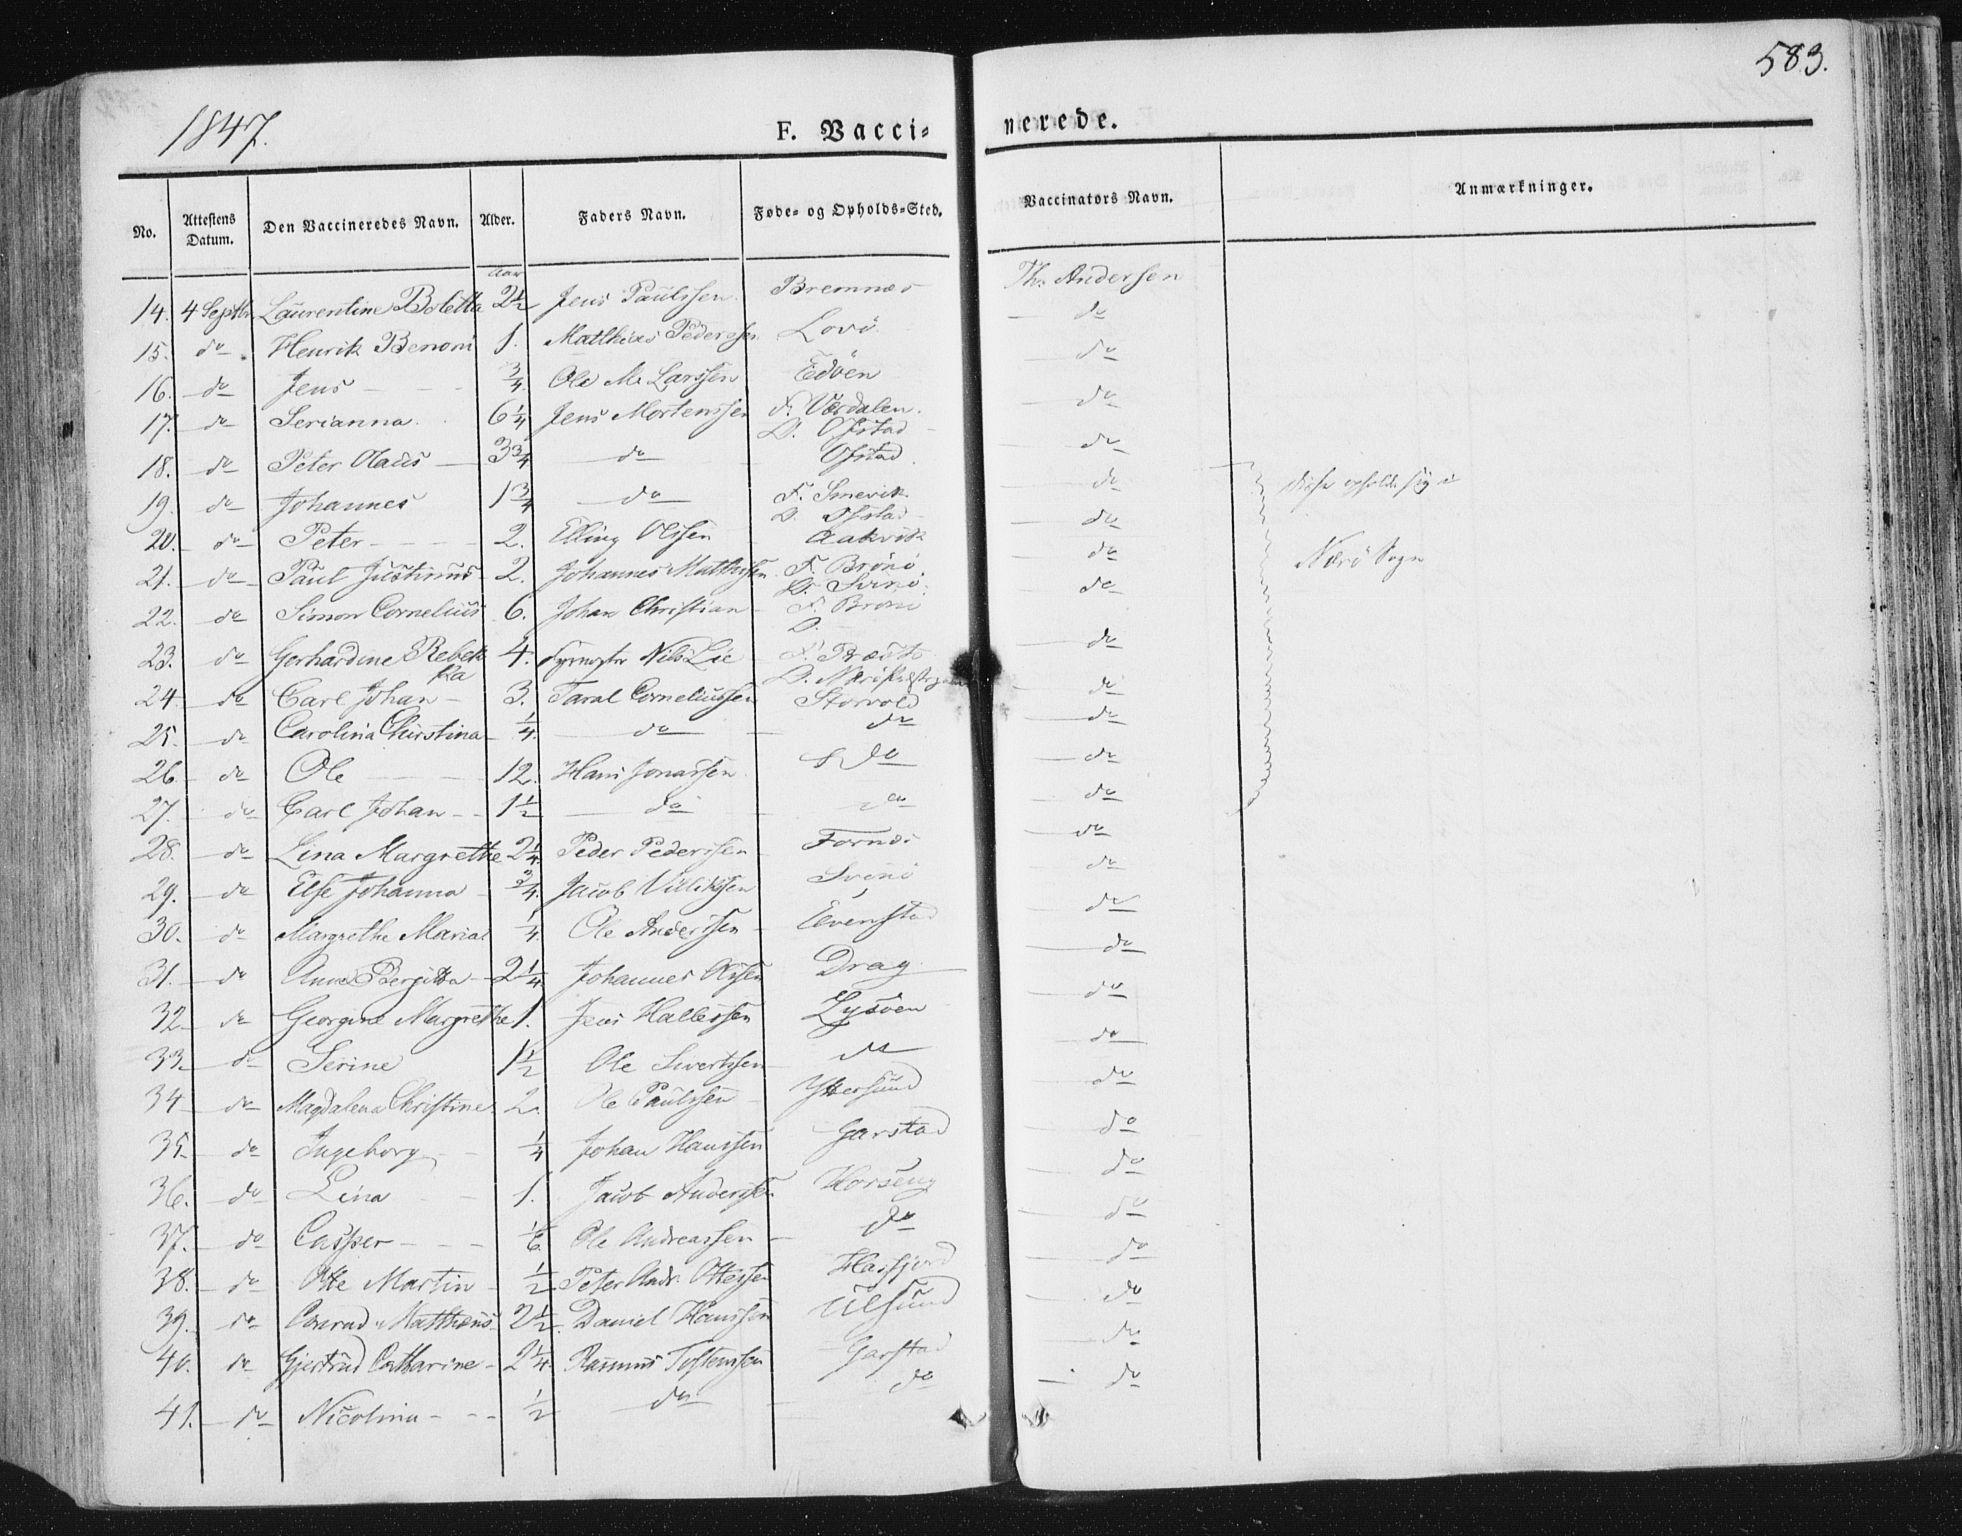 SAT, Ministerialprotokoller, klokkerbøker og fødselsregistre - Nord-Trøndelag, 784/L0669: Ministerialbok nr. 784A04, 1829-1859, s. 583